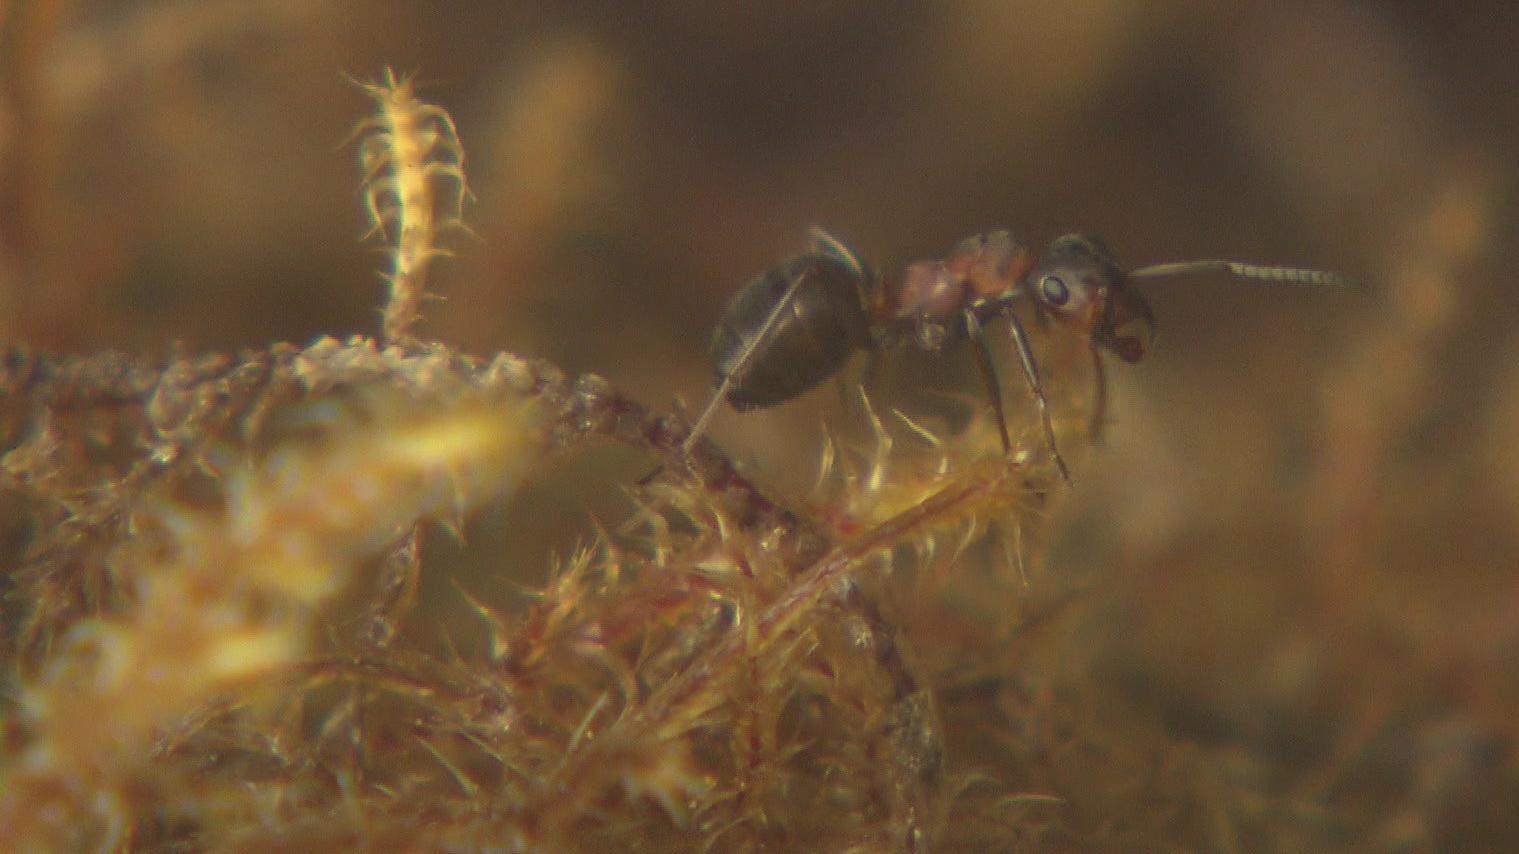 Eine kleine rote Waldameise - oder auch kahlrückige Waldameise genannt - die Formica Polyctena.